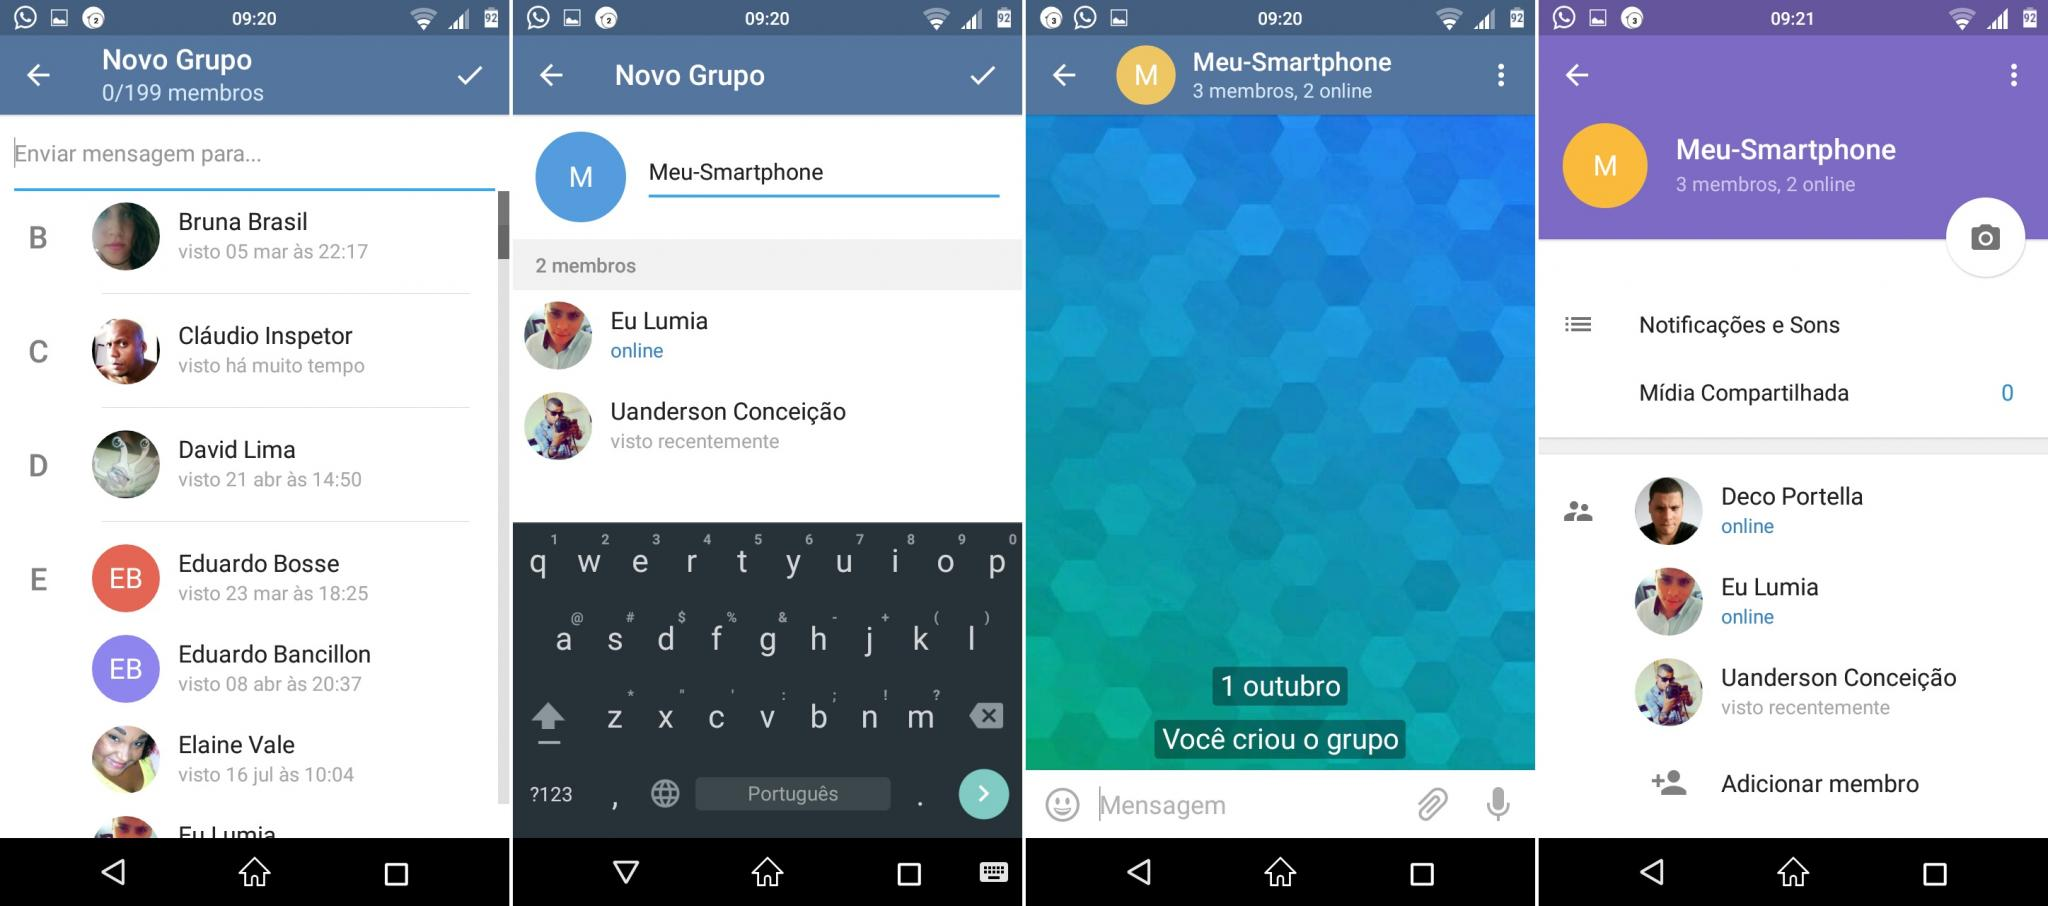 comparativo de apps #11 telegram - 14